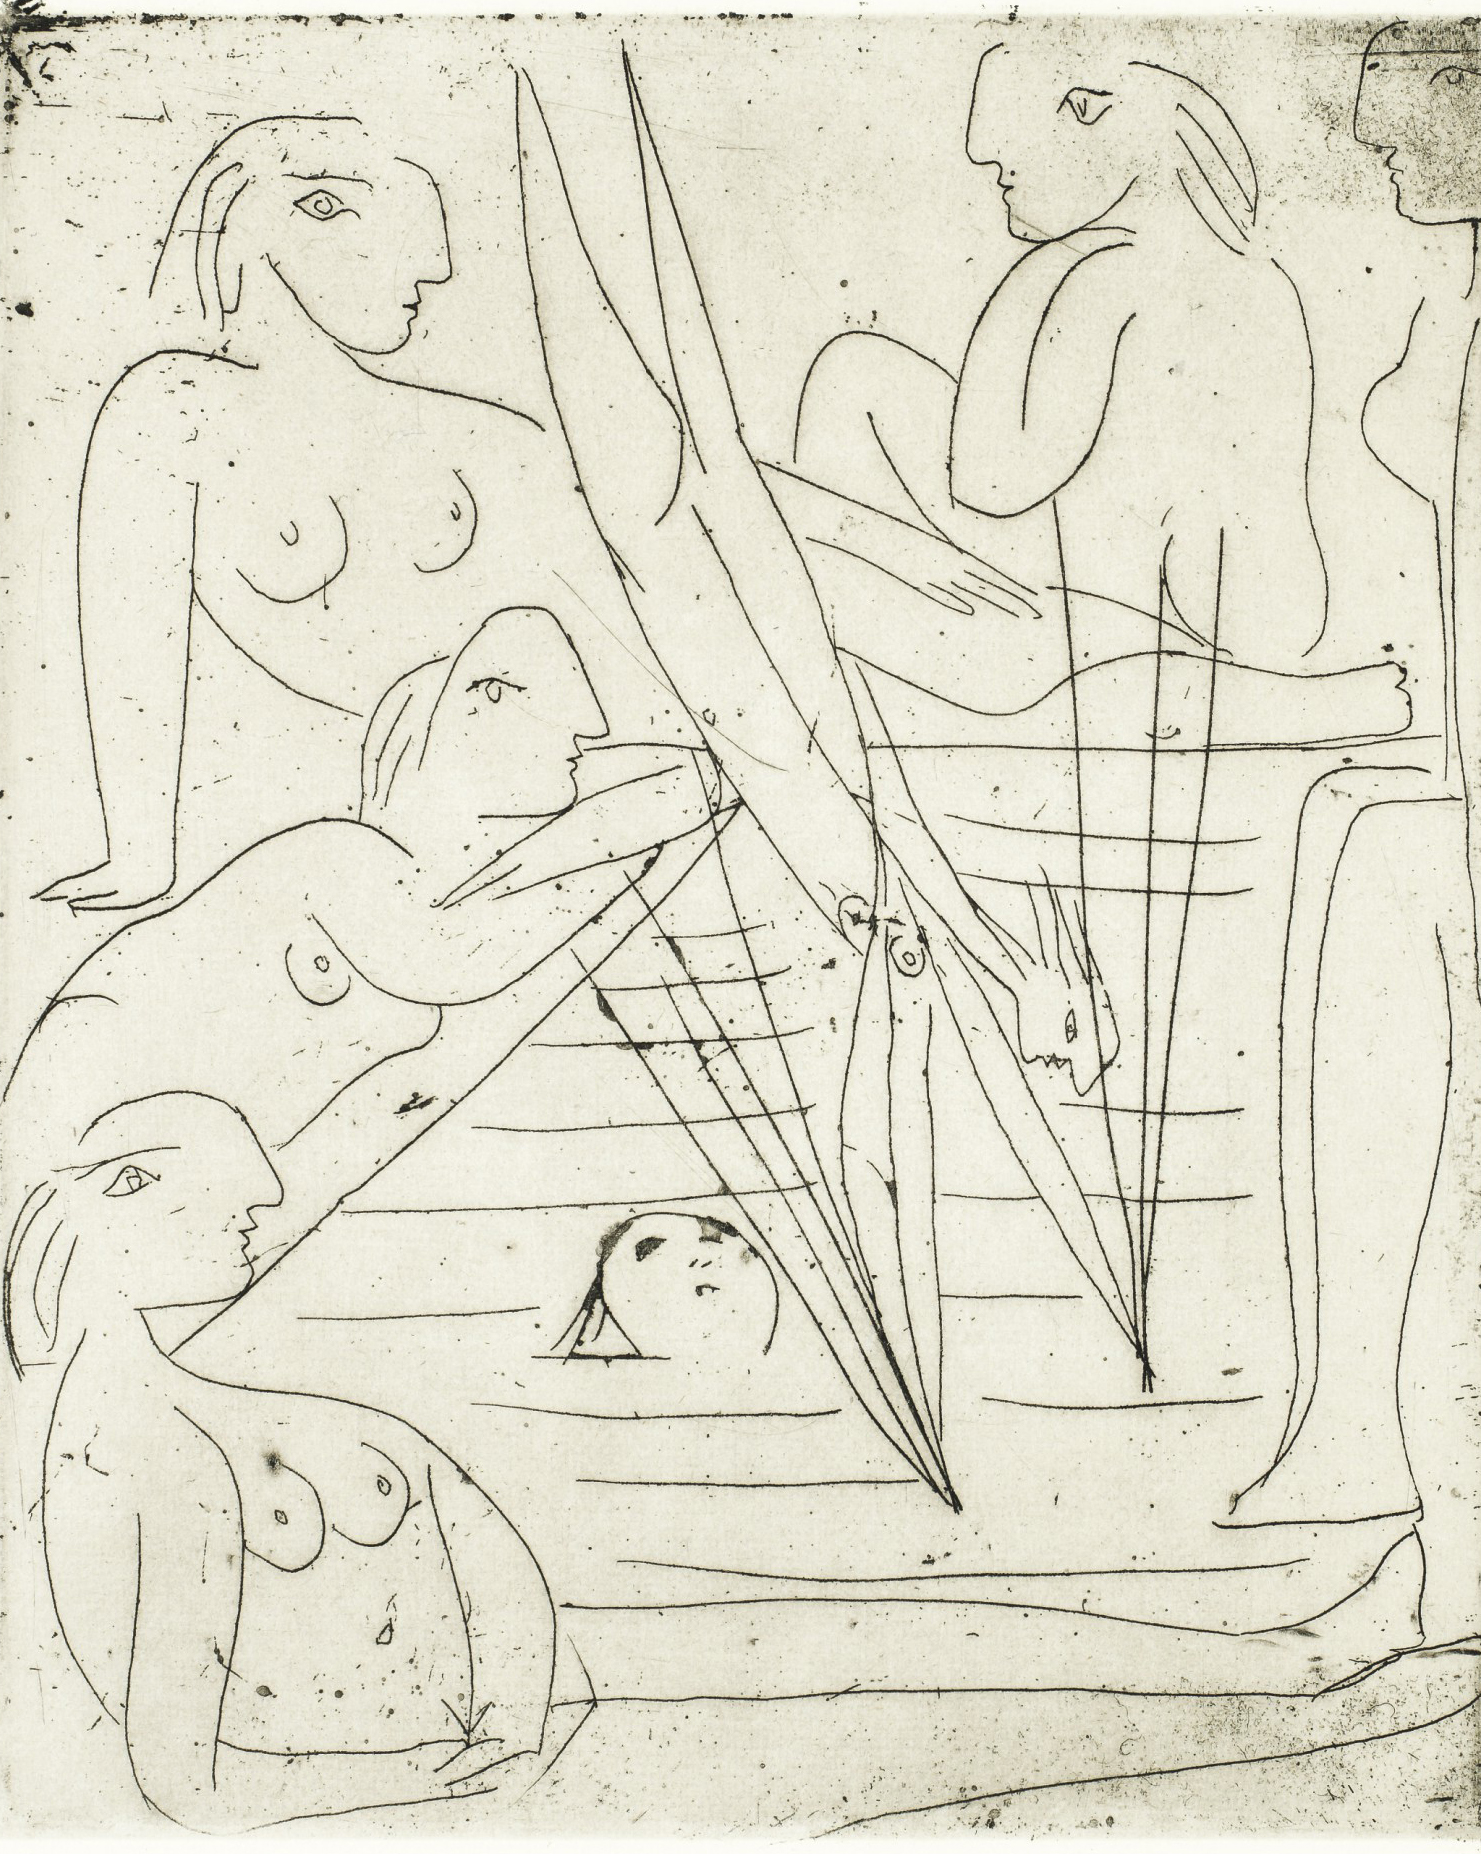 La Baignade by Pablo Picasso